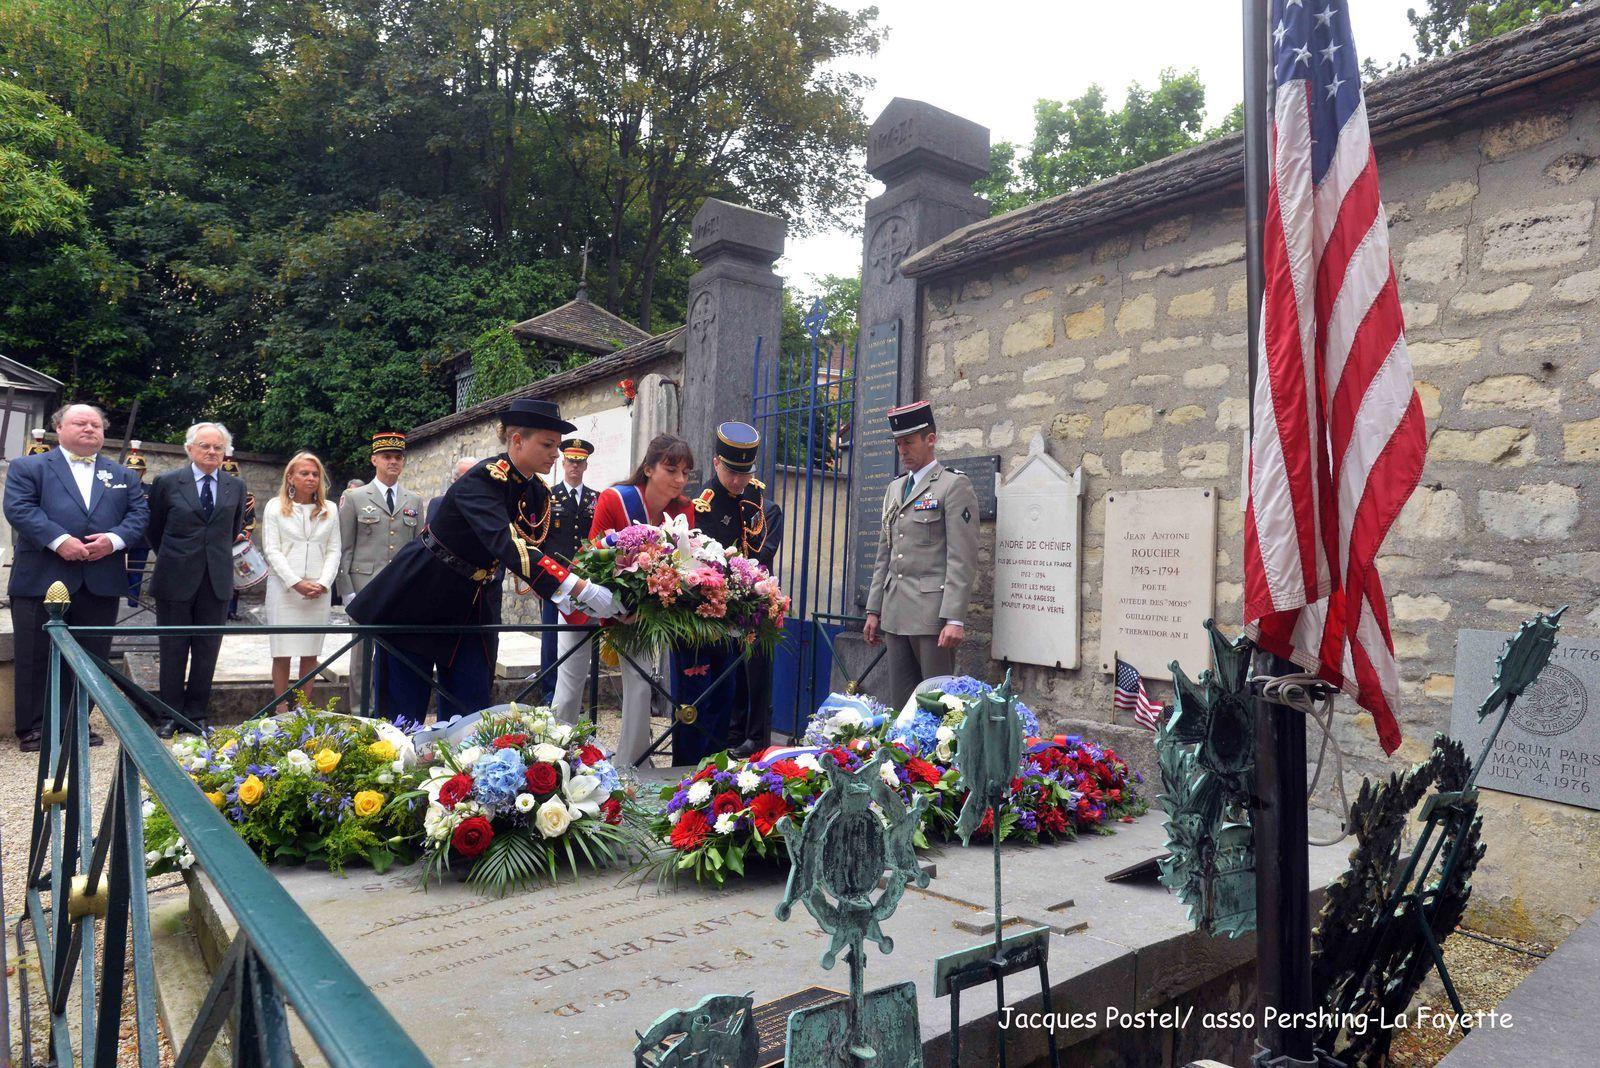 dépot de gerbe sur la tombe du Marquis de La Fayette par Valérie Montandon représentant la Présidente de la région Ile de France Valérie Pécresse